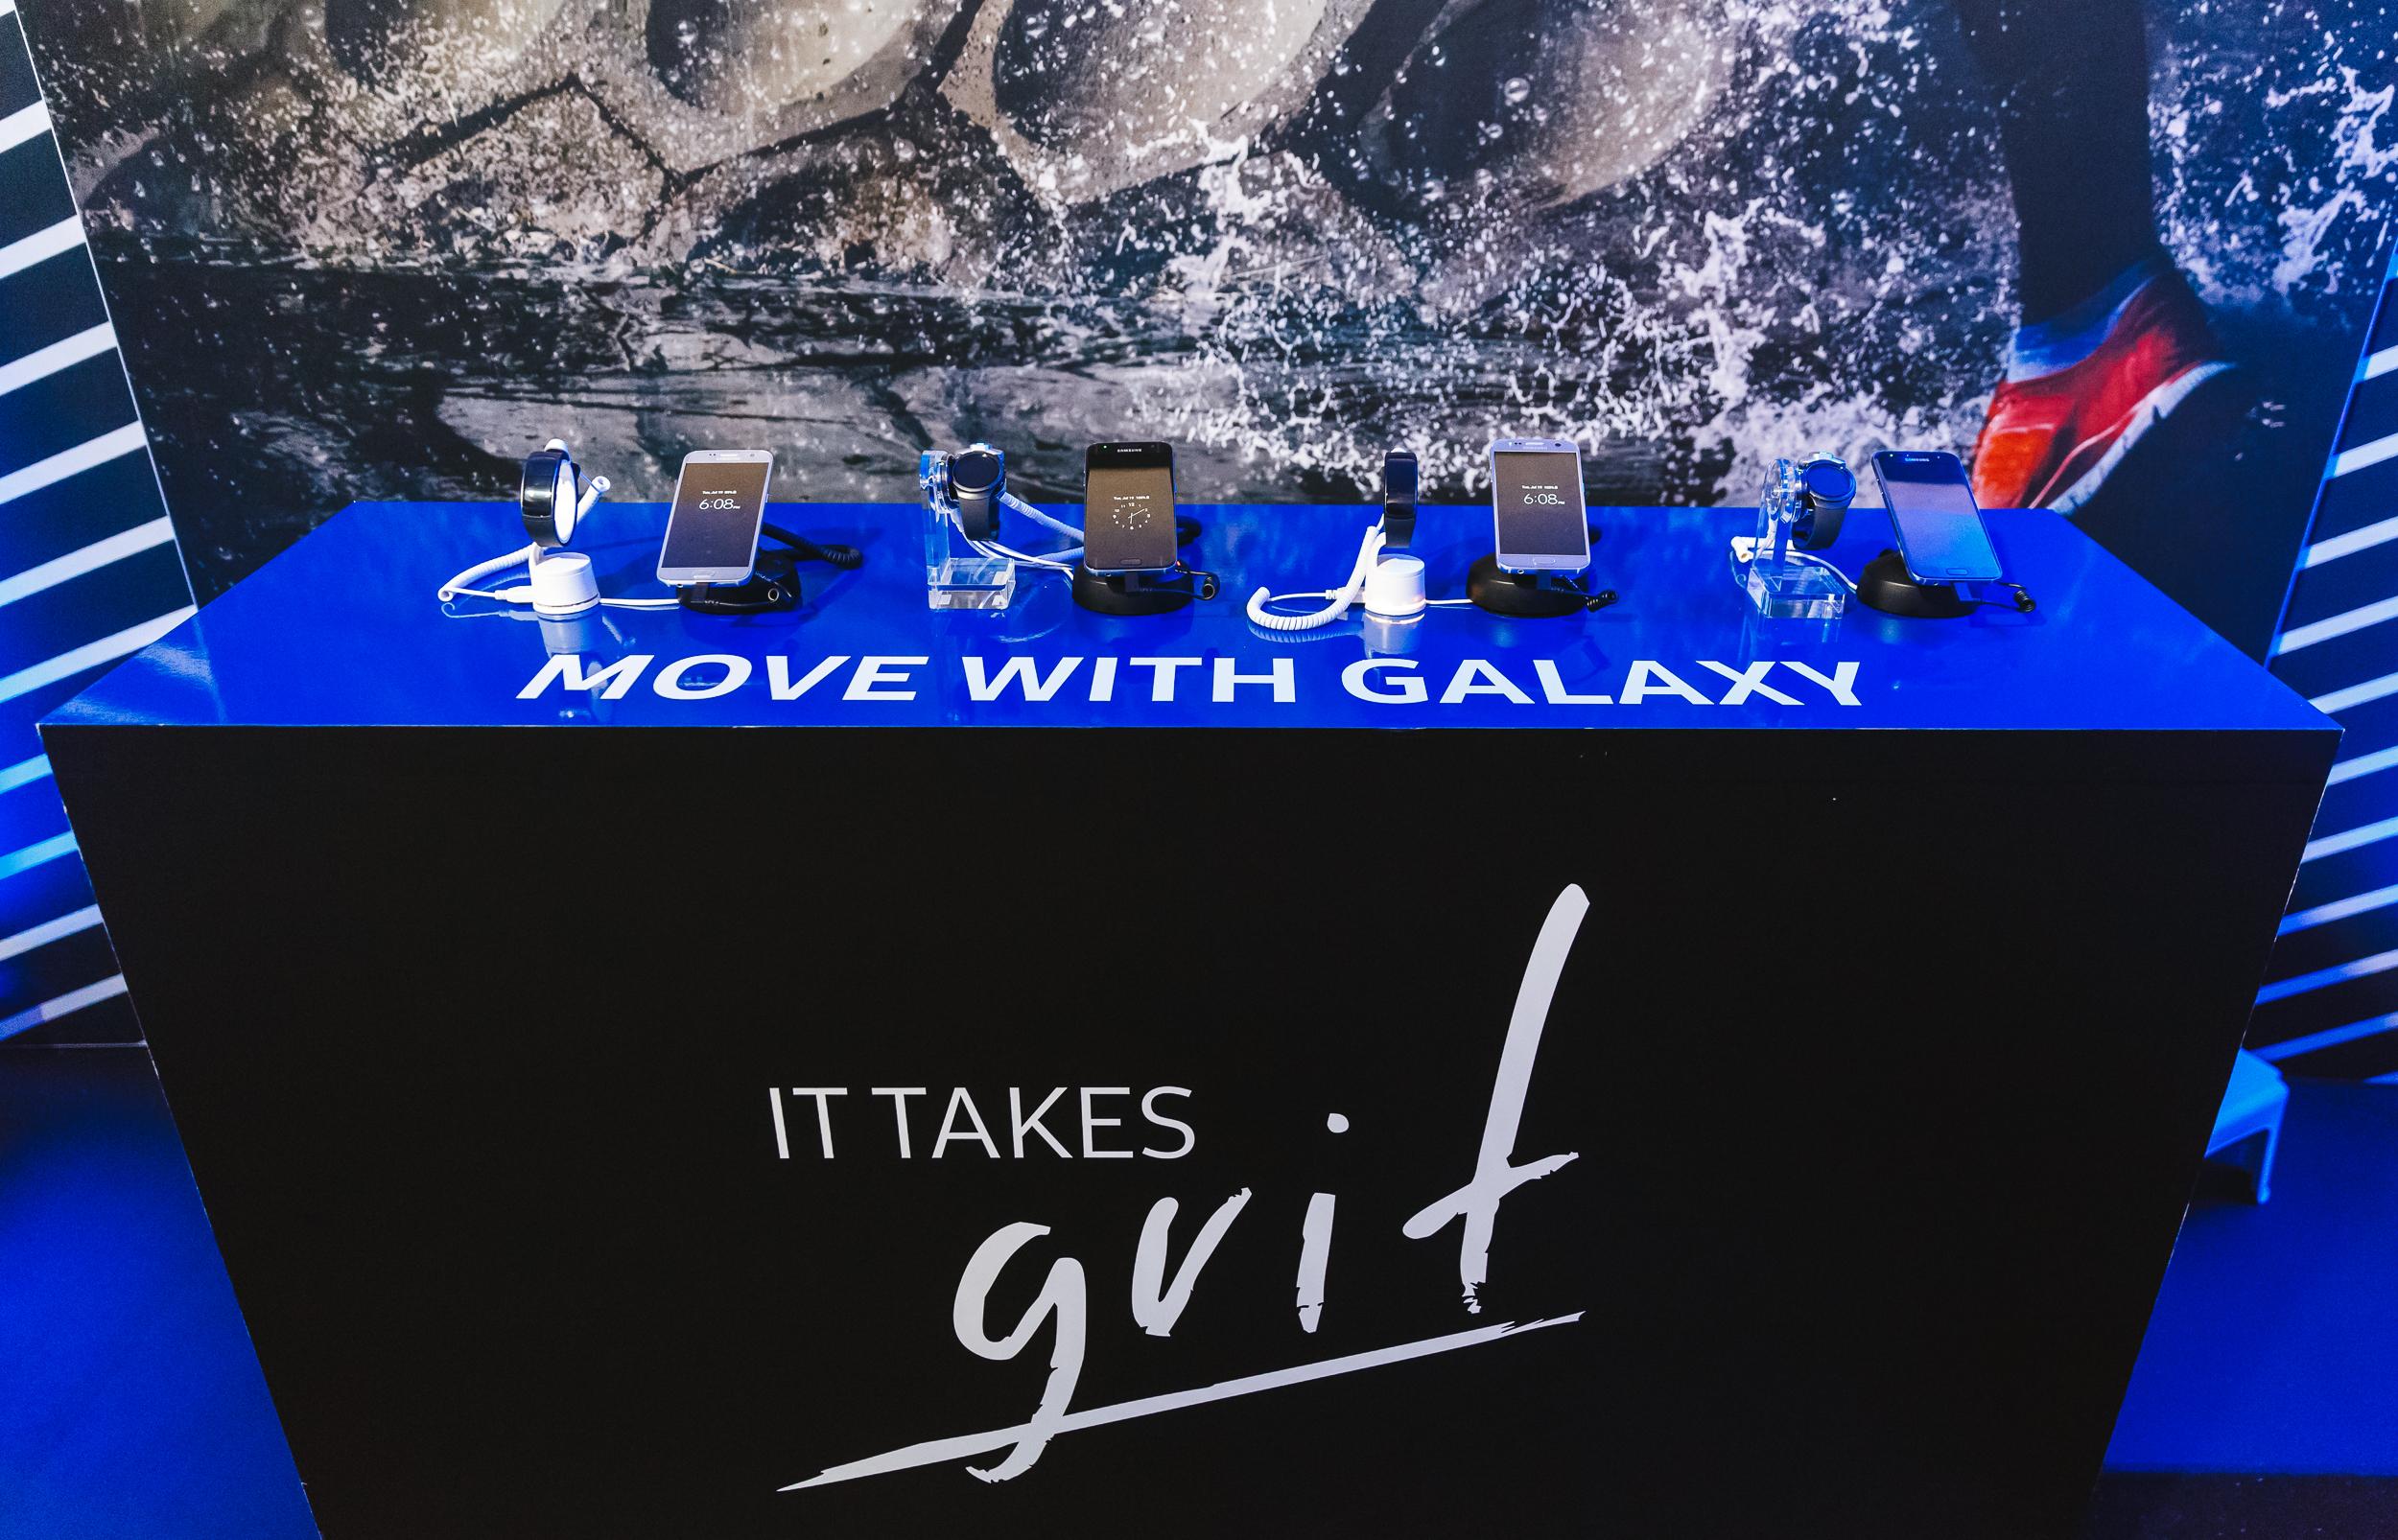 Samsung-Galaxy-Life-photo4.jpg